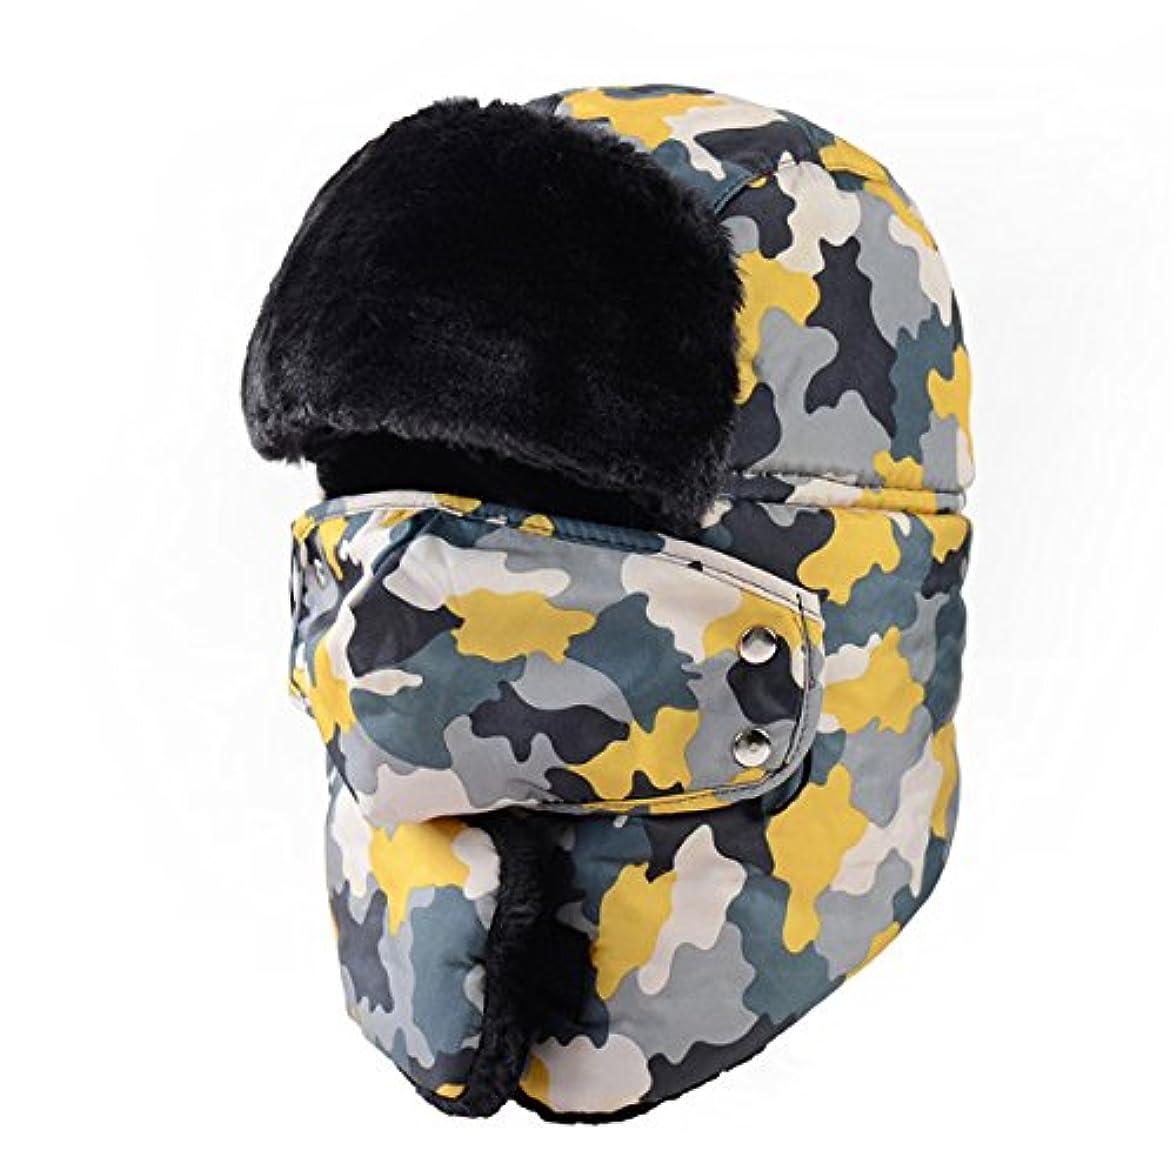 偏心ダイヤモンドトレイルユニセックス冬Trooper Trapper Hunting帽子ロシア帽耳フラップChin Strap and防風マスク